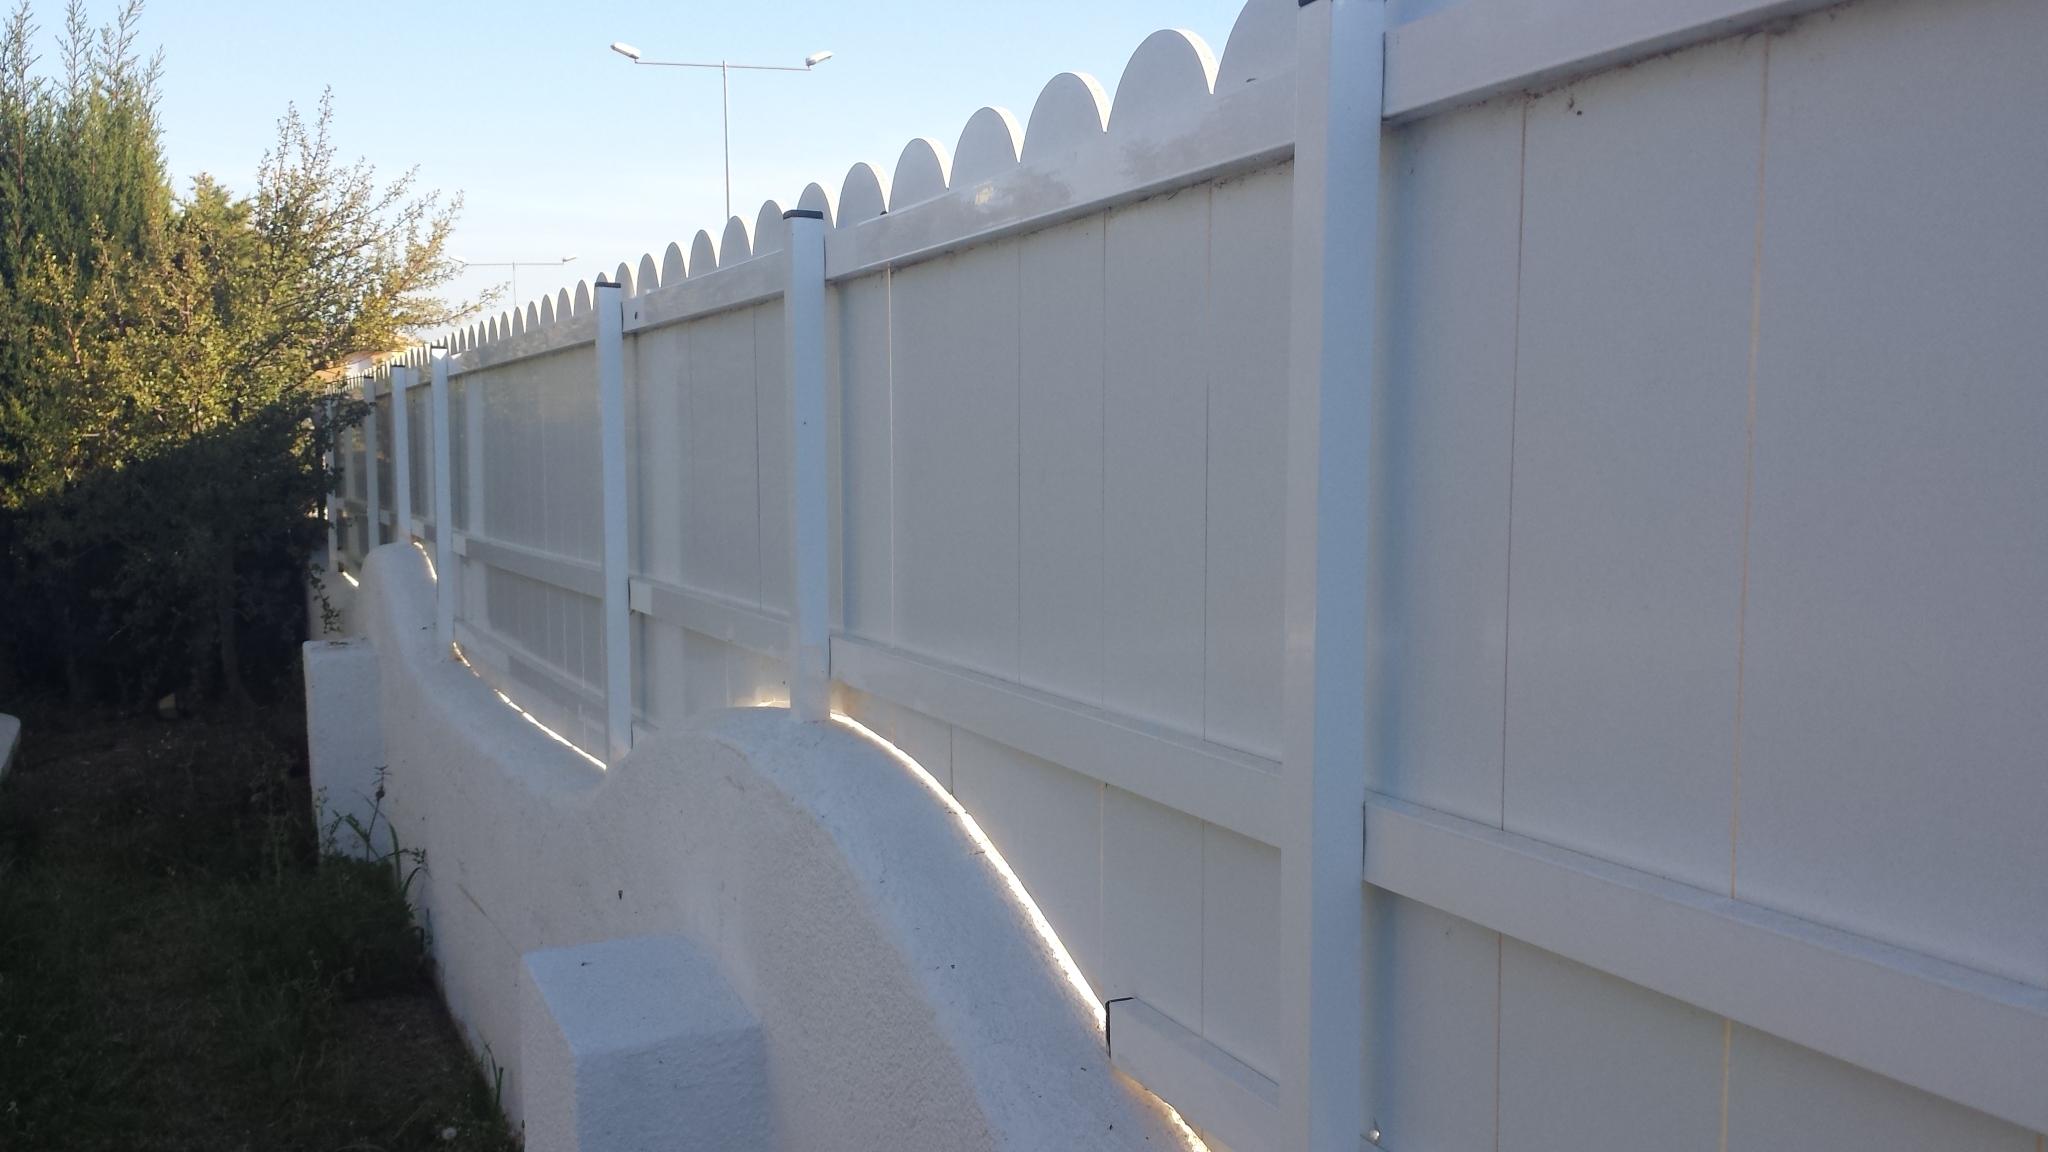 Vinuesa vallas cercados modelos valla verja lamas pvc for Vallas de pvc para jardin